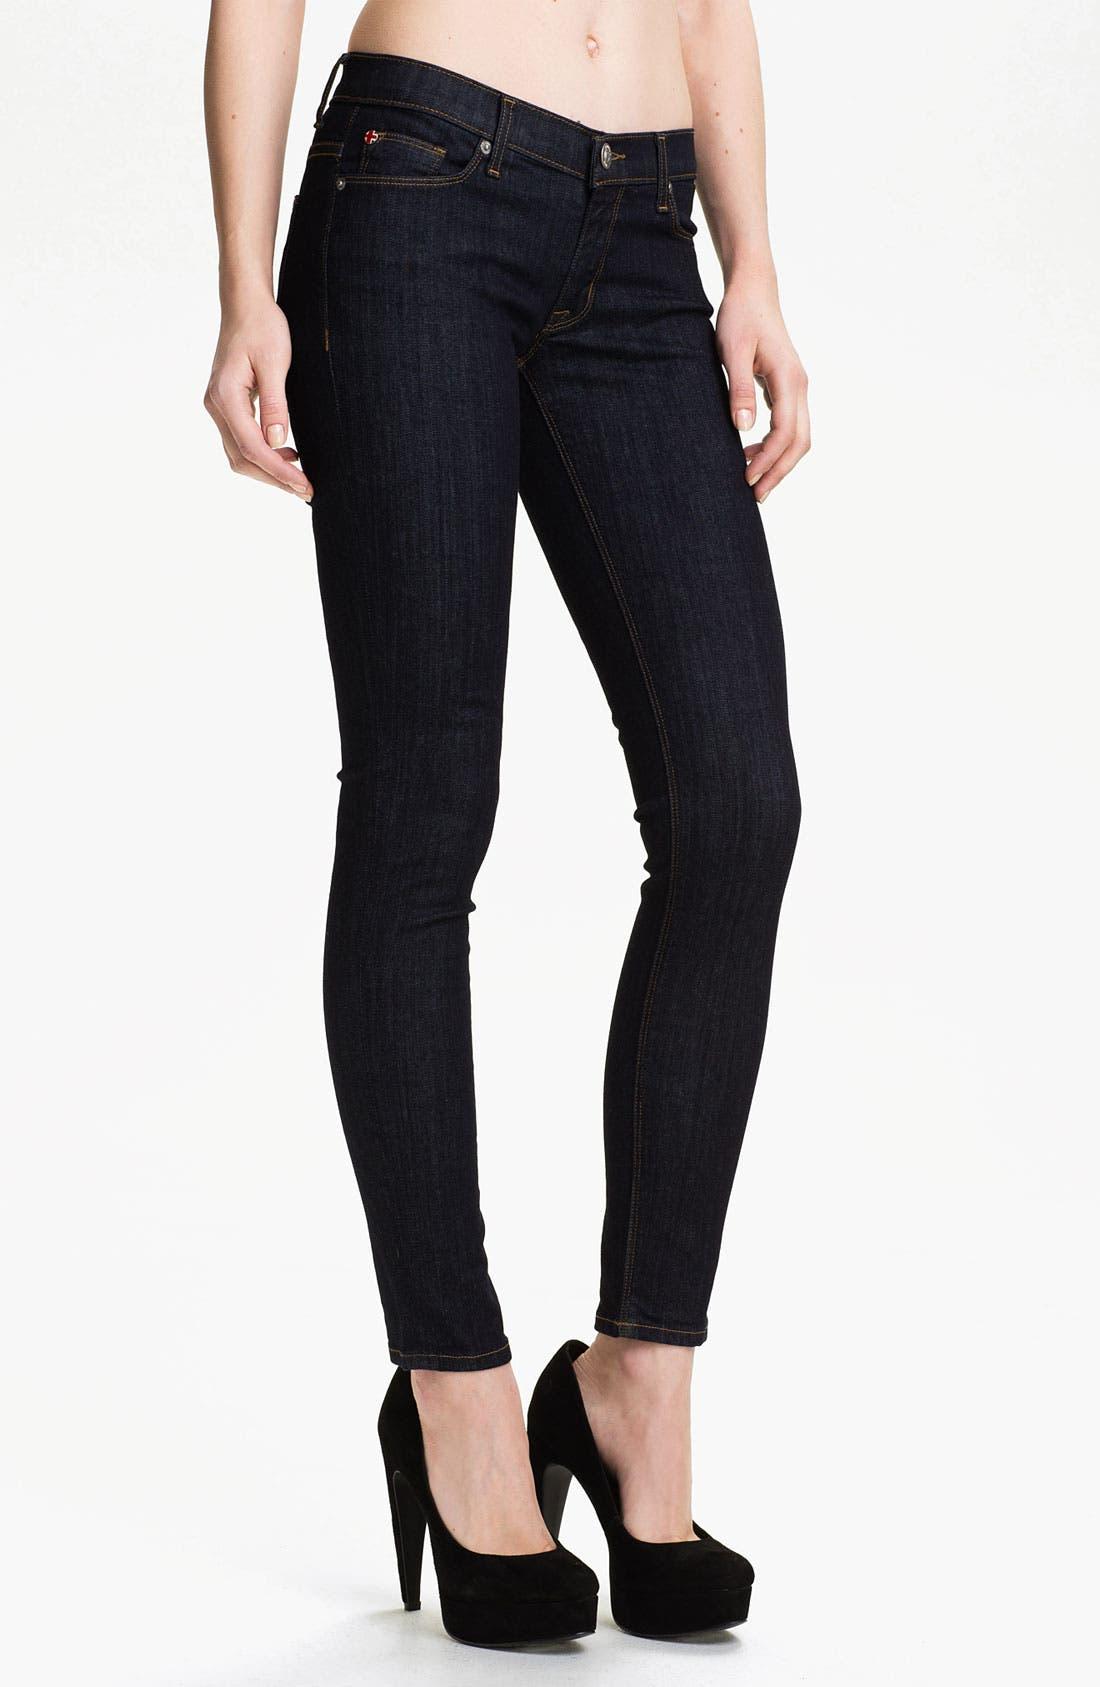 Main Image - Hudson Jeans 'Krista' Super Skinny Jeans (Foley)